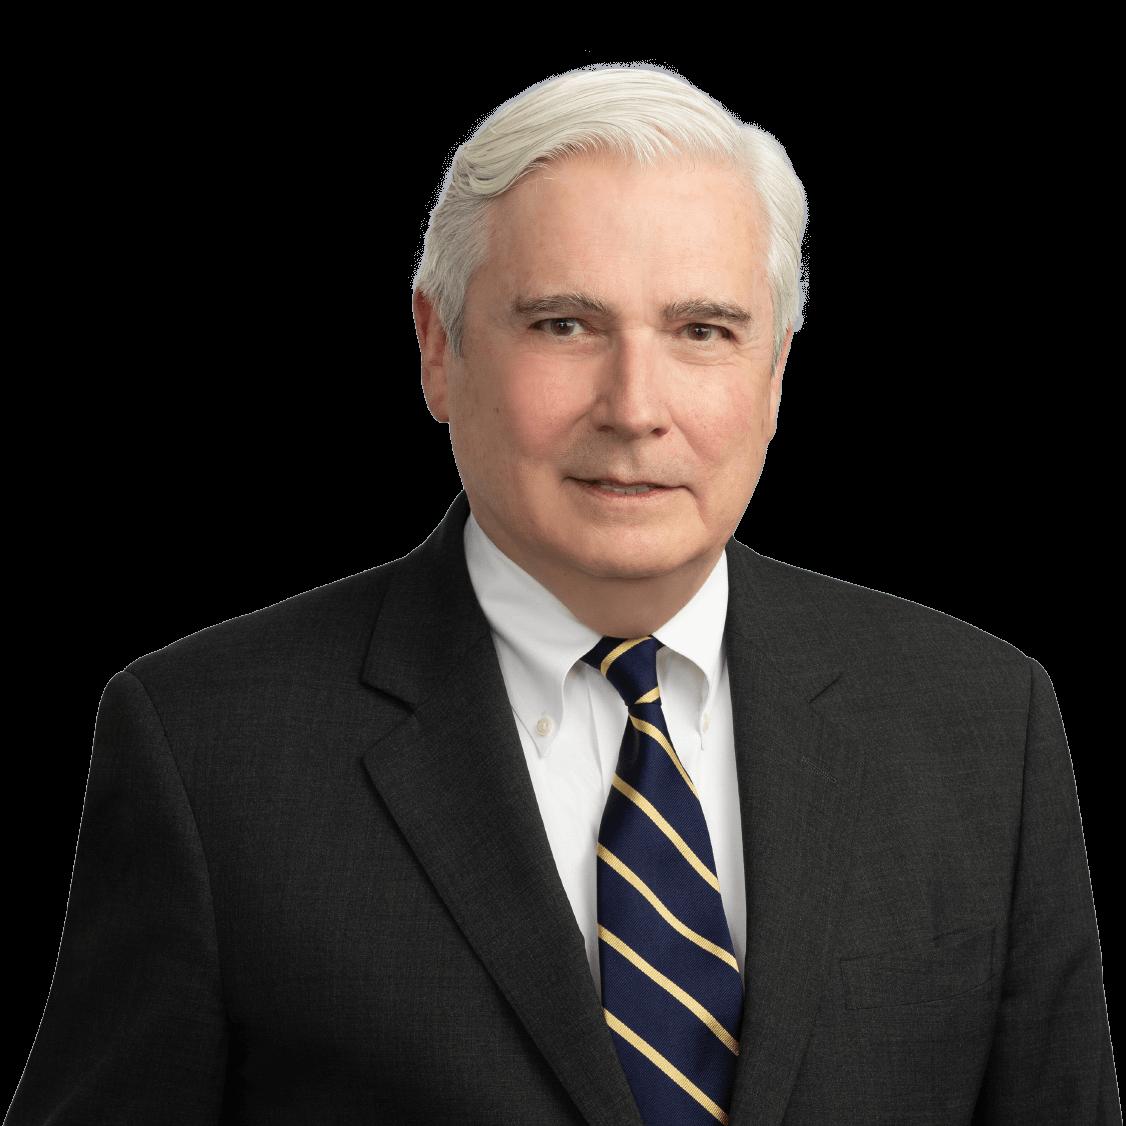 Kevin M. Foley